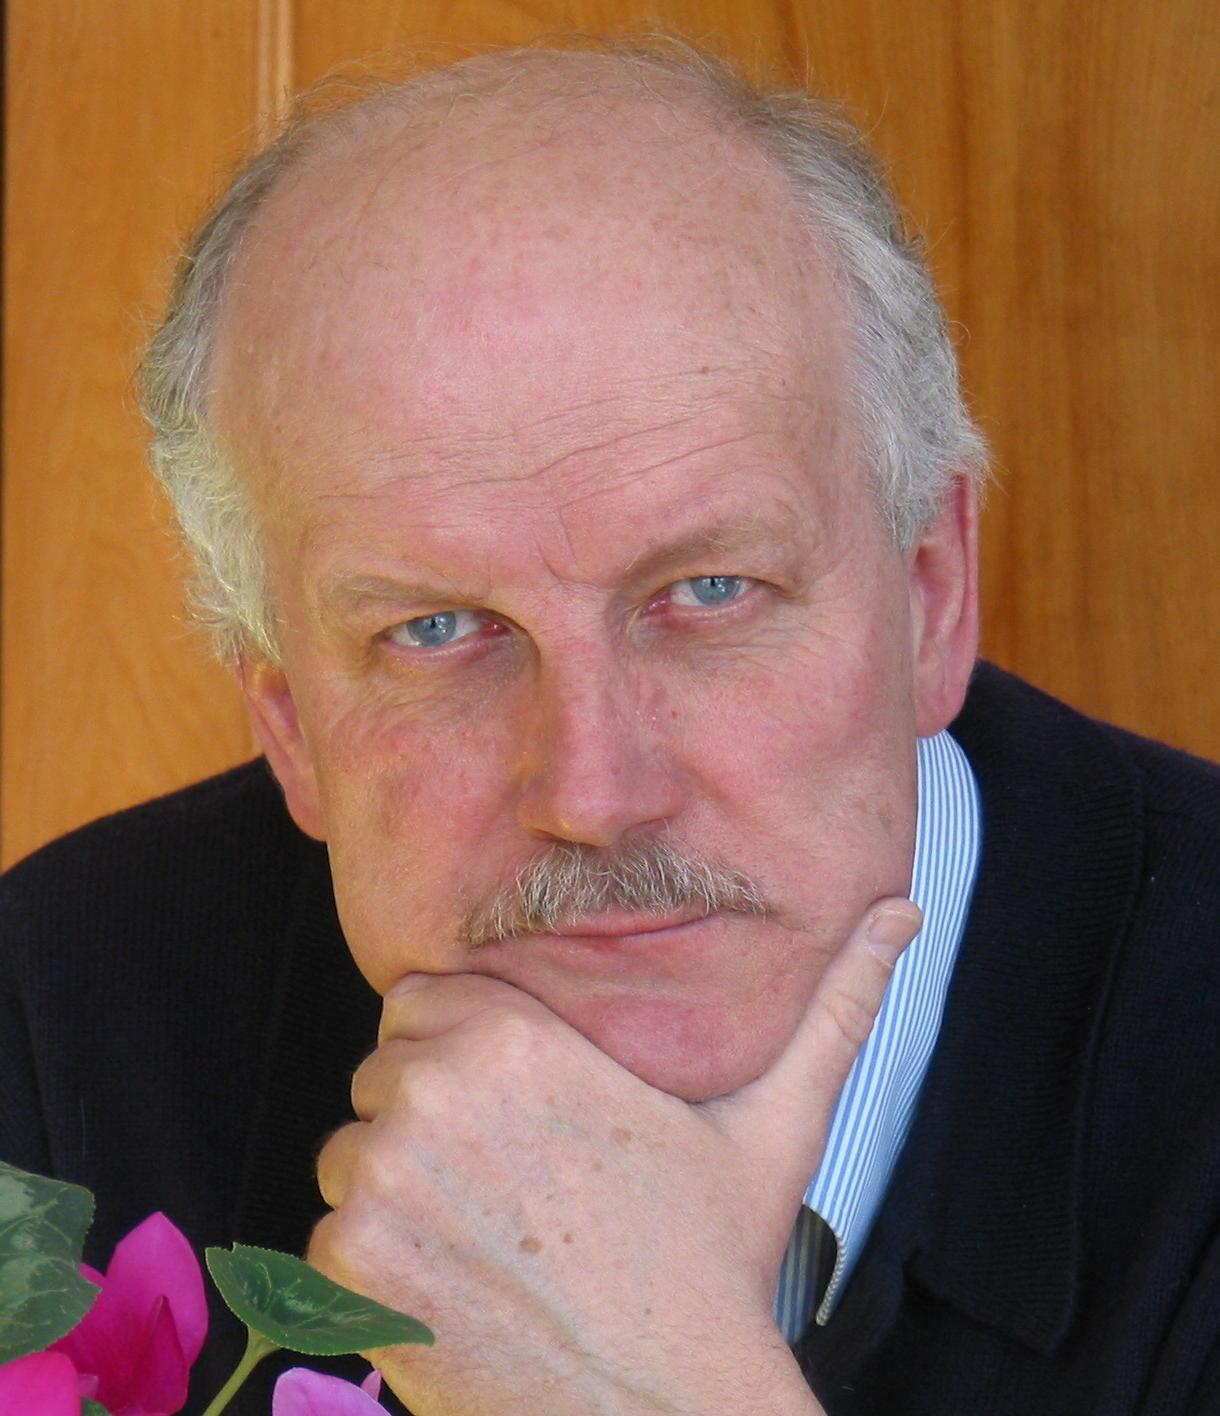 Modris Eksteins